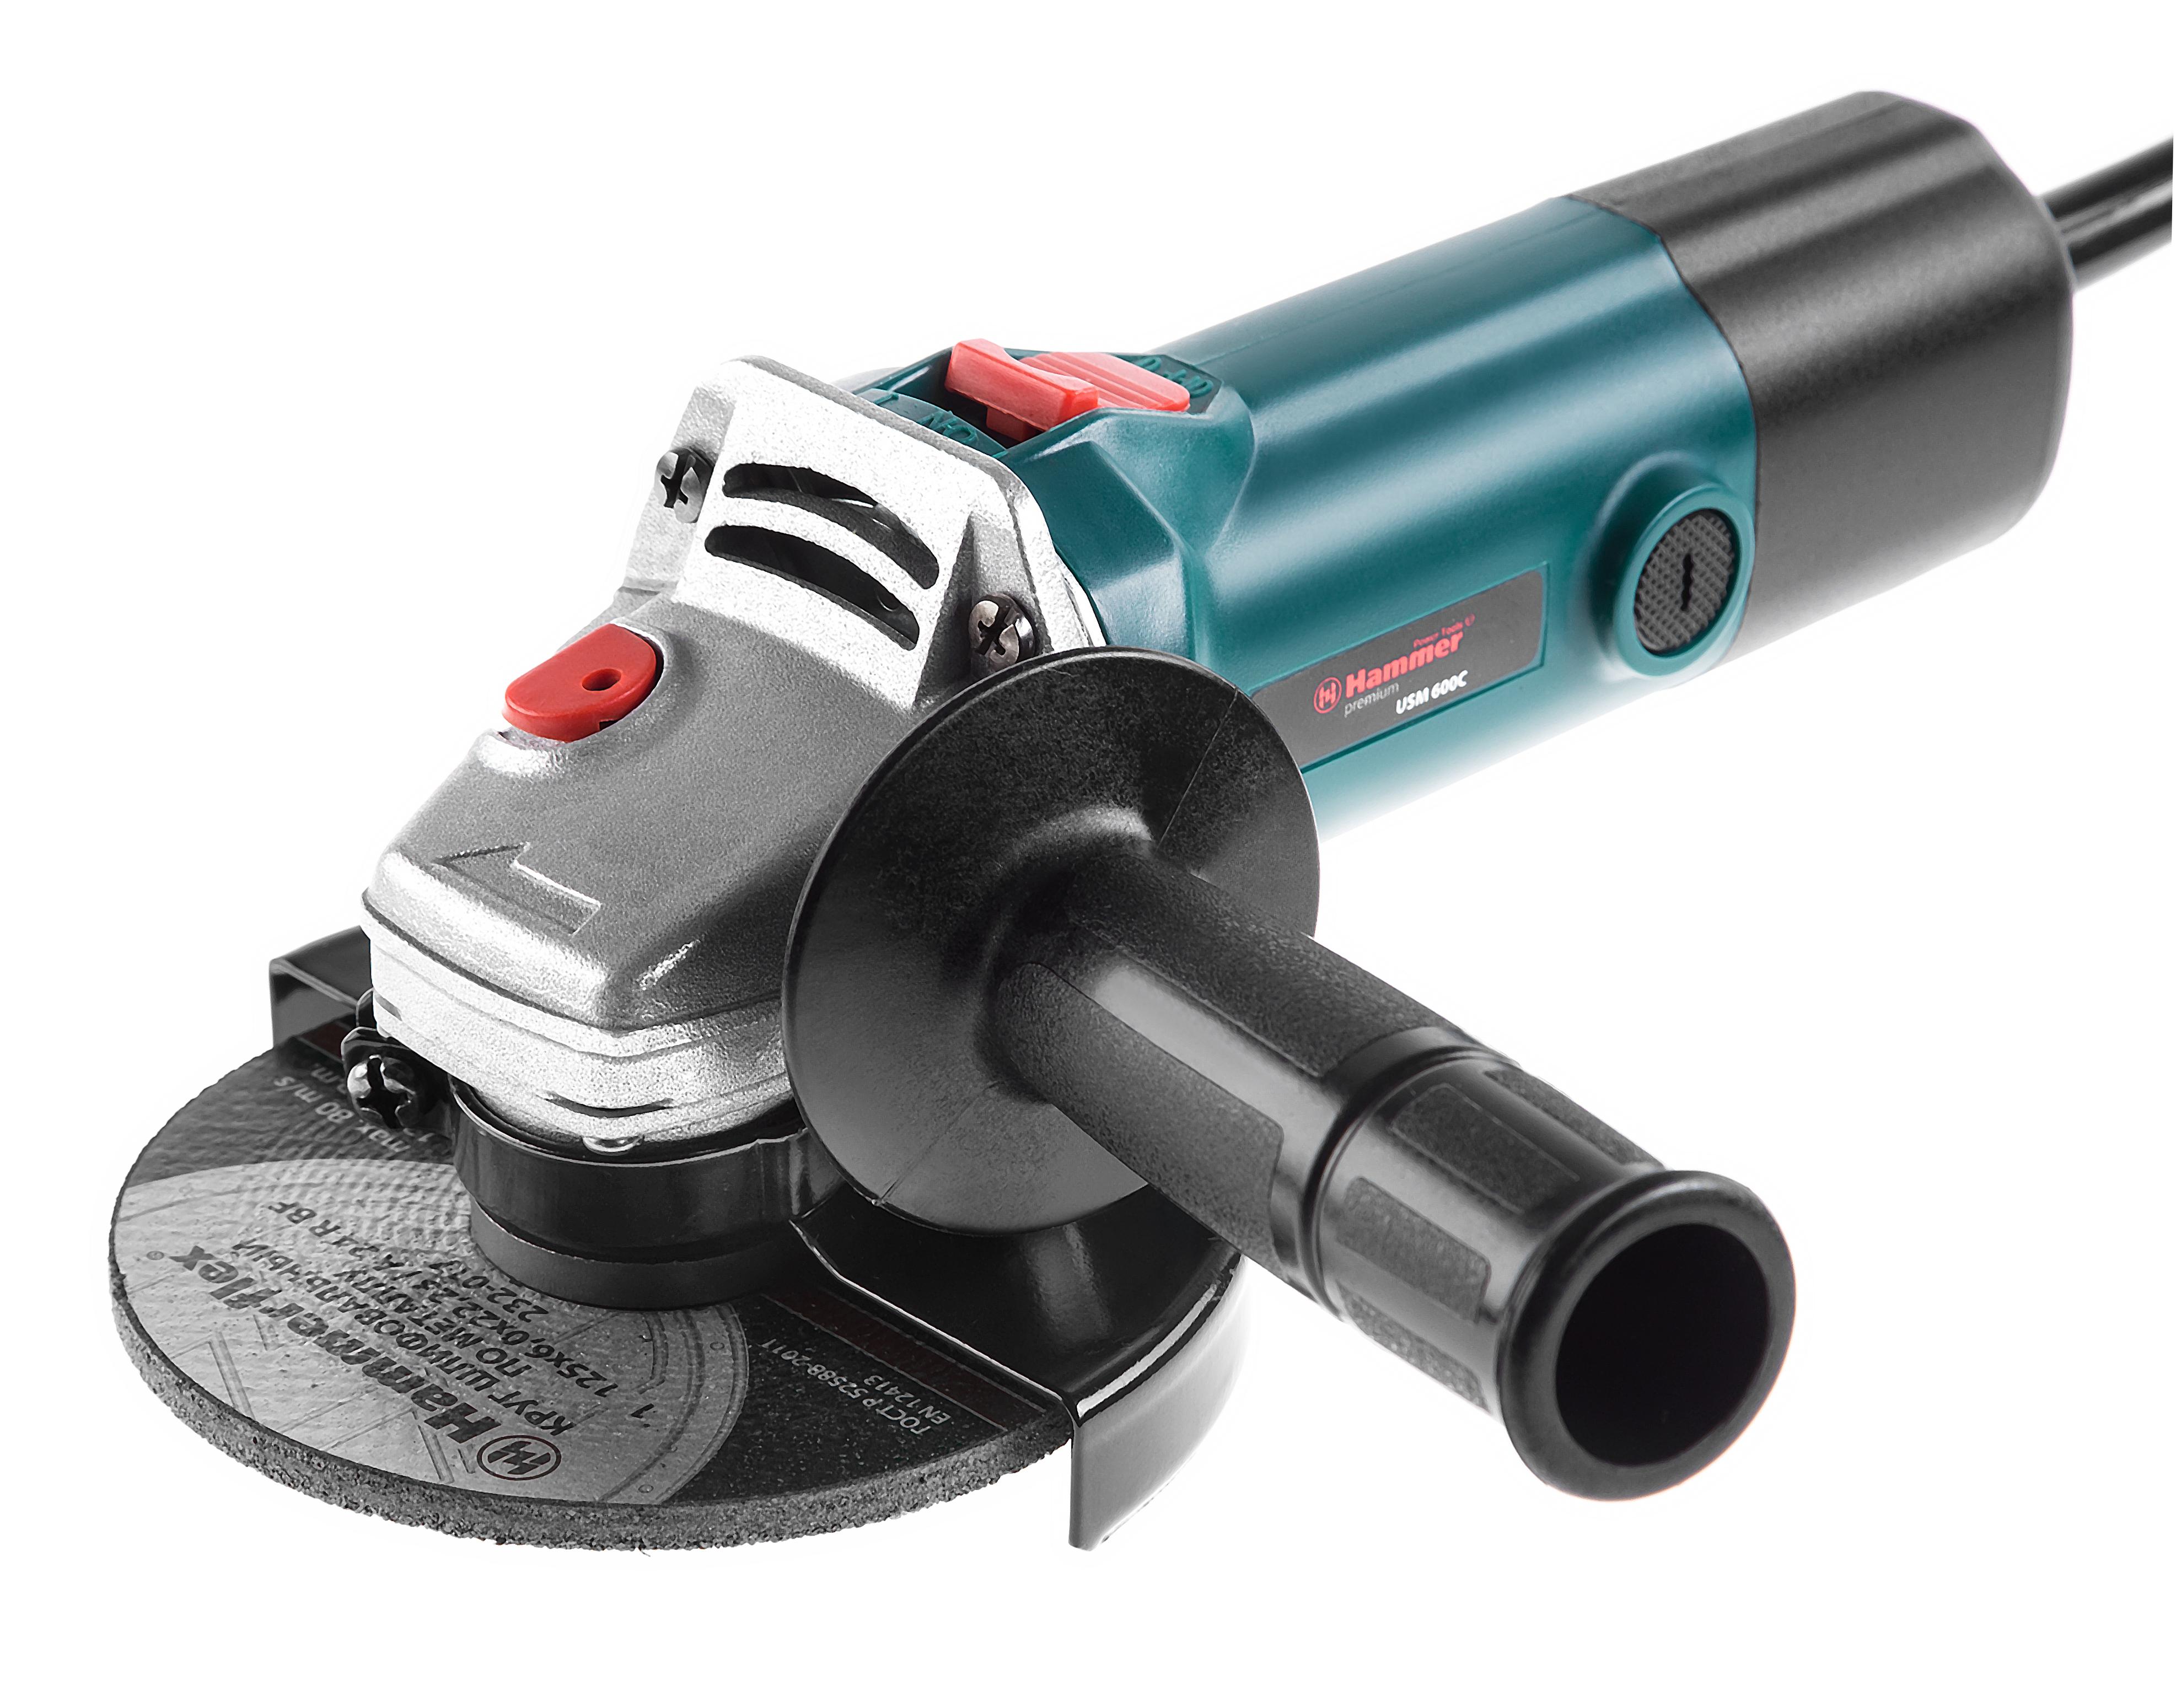 УШМ (болгарка) Hammer Usm600c premium